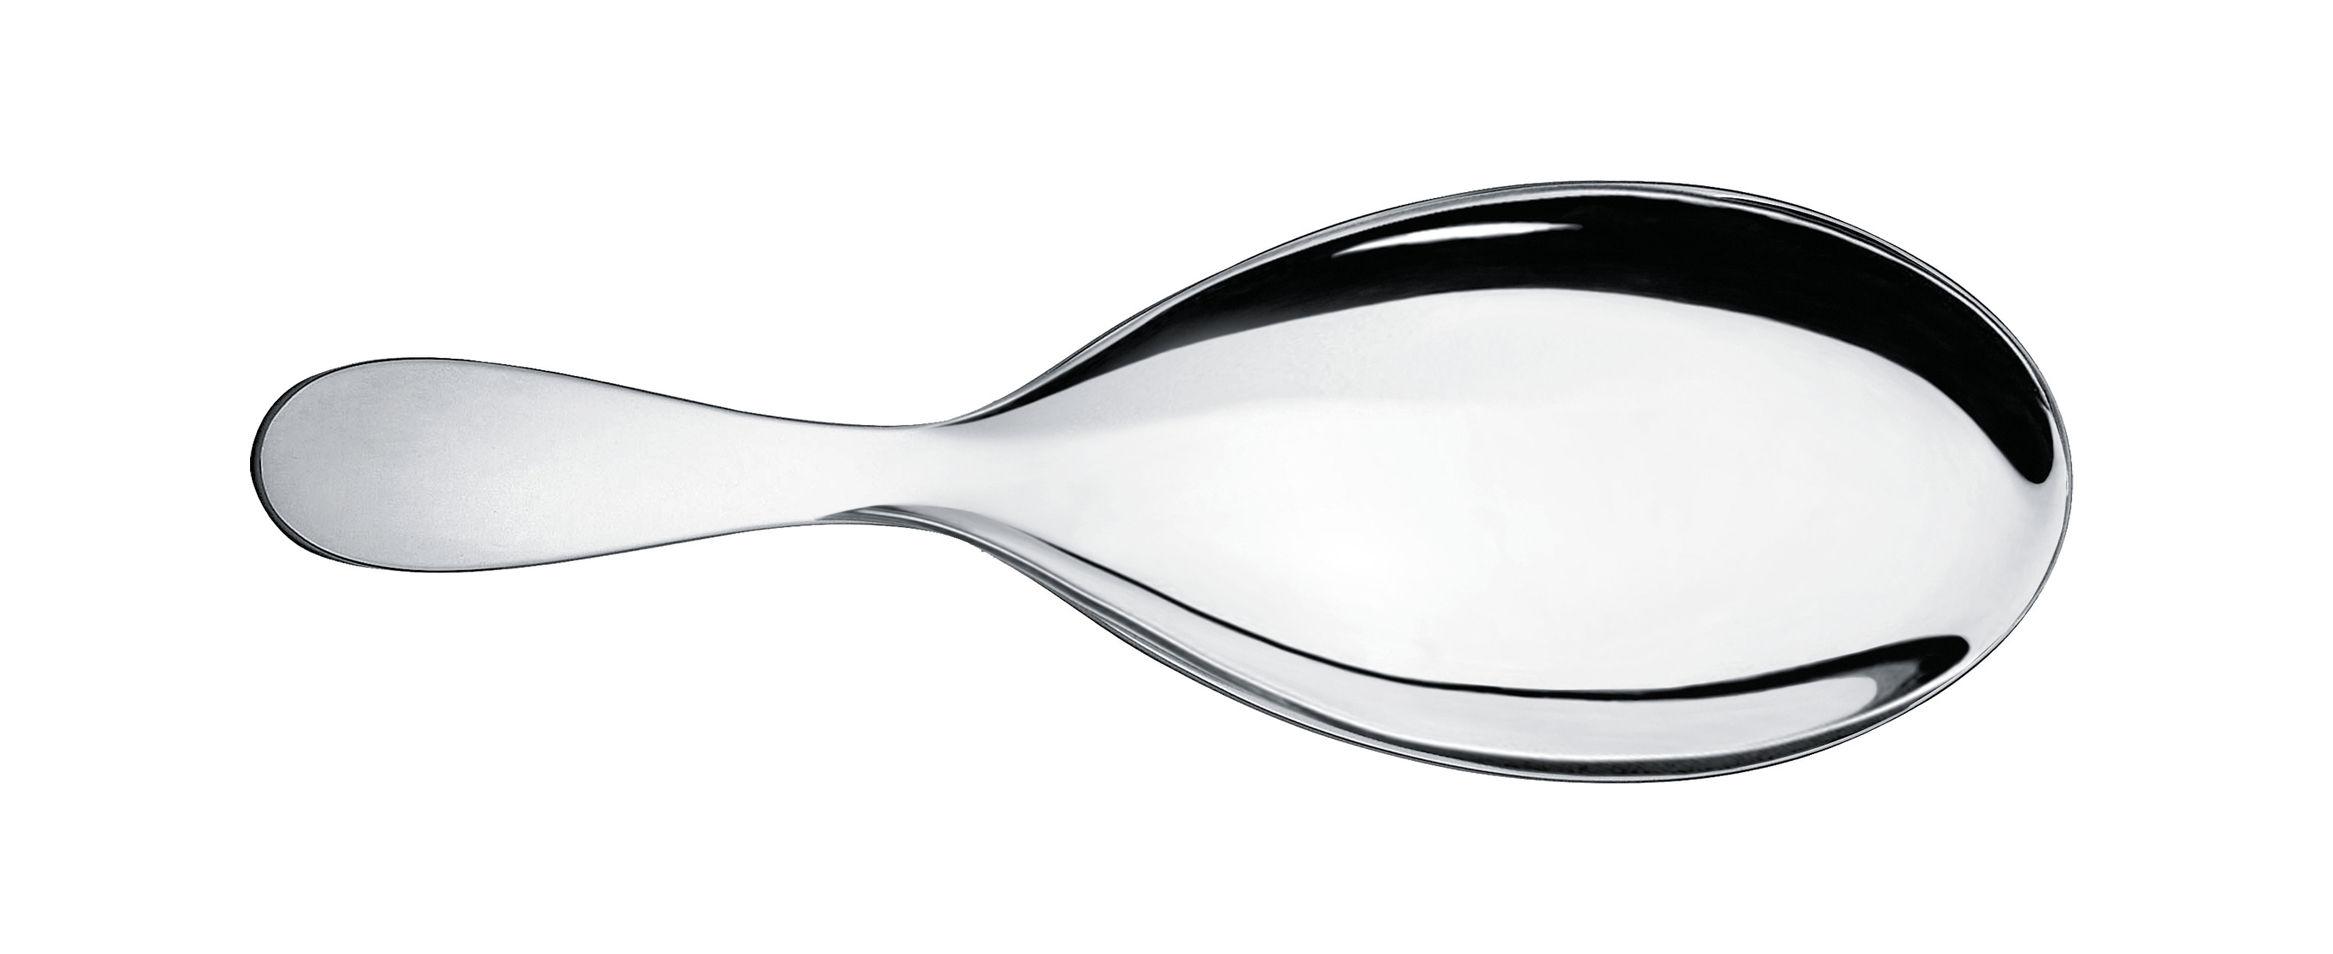 La boutique de Noël - Déco table & sapin - Cuillère de service Eat.it / Pour risotto - Alessi - Métal brillant - Acier inoxydable 18/10